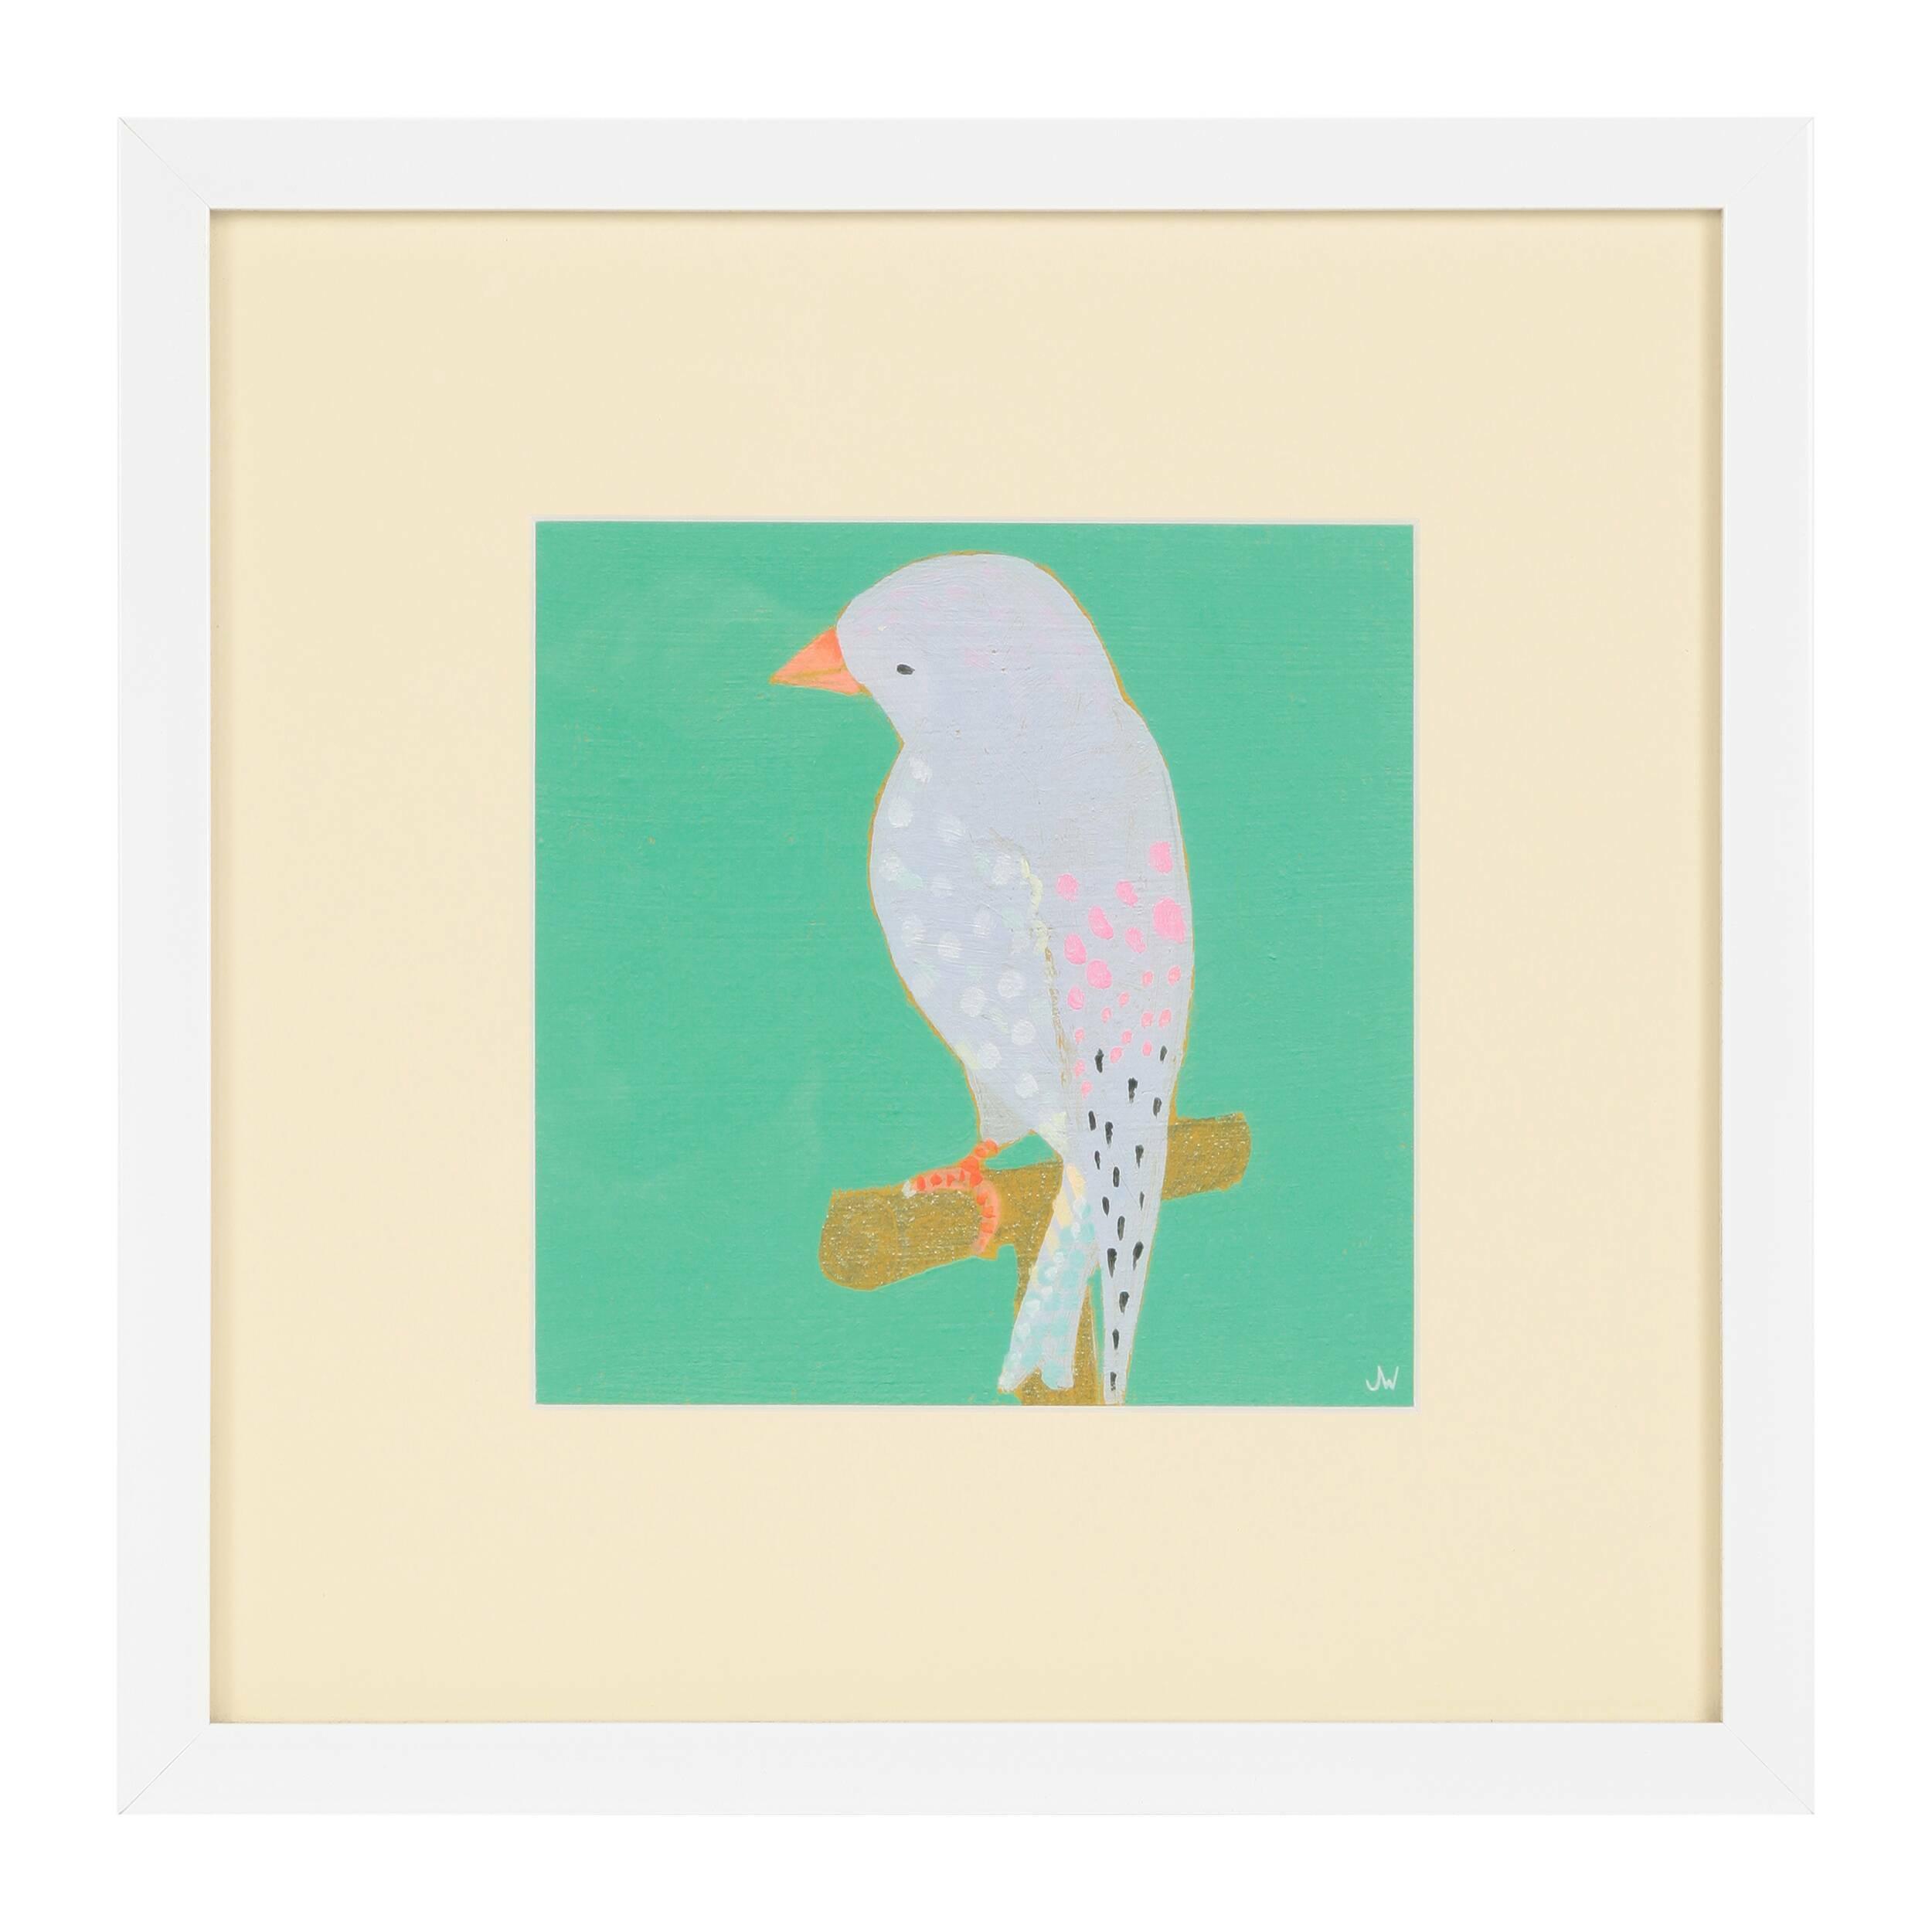 Постер Bright Birds 3Картины<br><br><br>stock: 10<br>Ширина: 36,8<br>Цвет: Разноцветный<br>Длина: 36,8